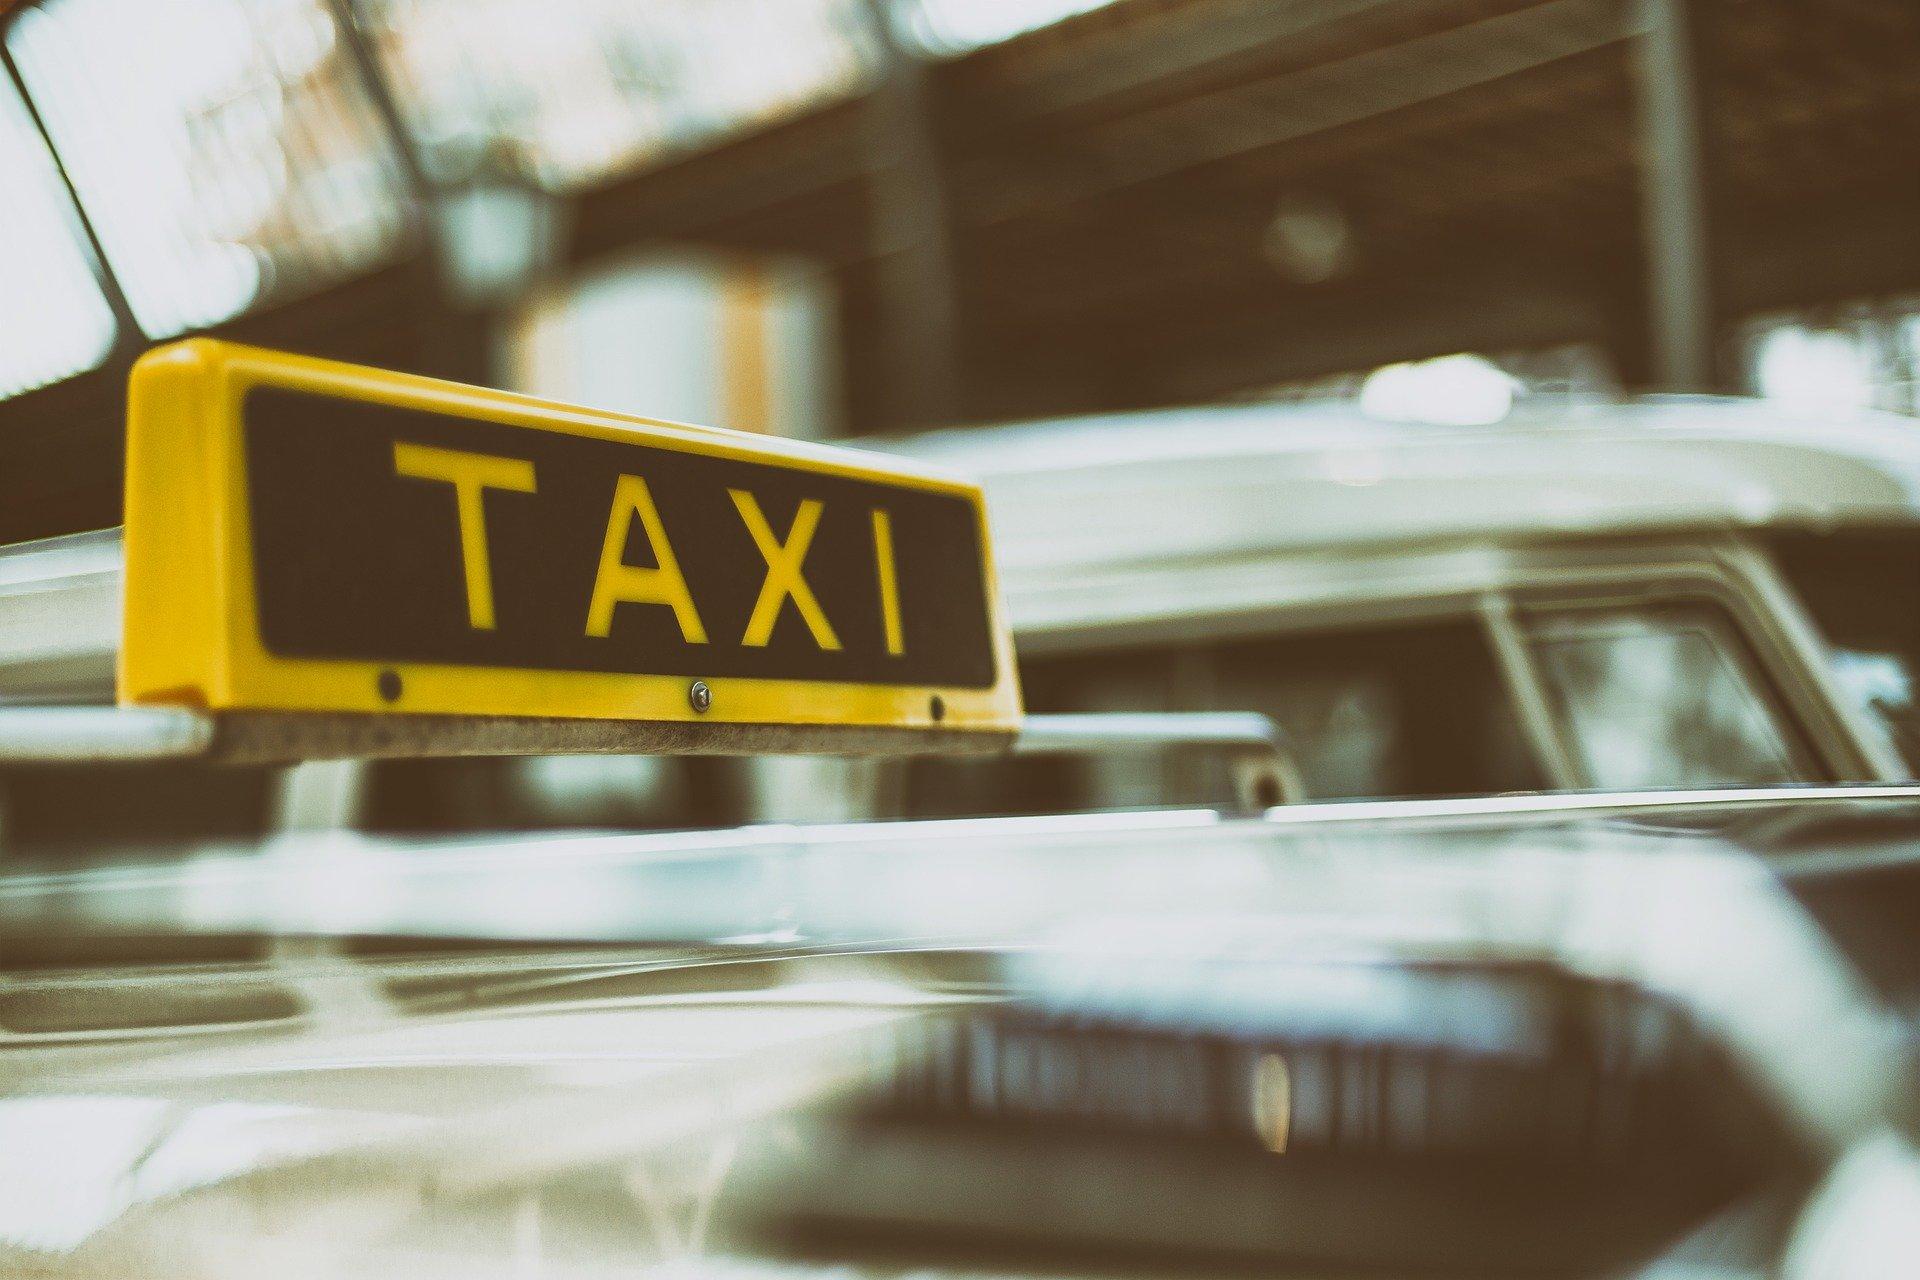 """TRAŽE NAČIN DA OČUVAJU SVOJA RADNA MJESTA! Taksisti nezadovoljni """"radom"""" inspekcija prijete prelaskom u sivu zonu!"""